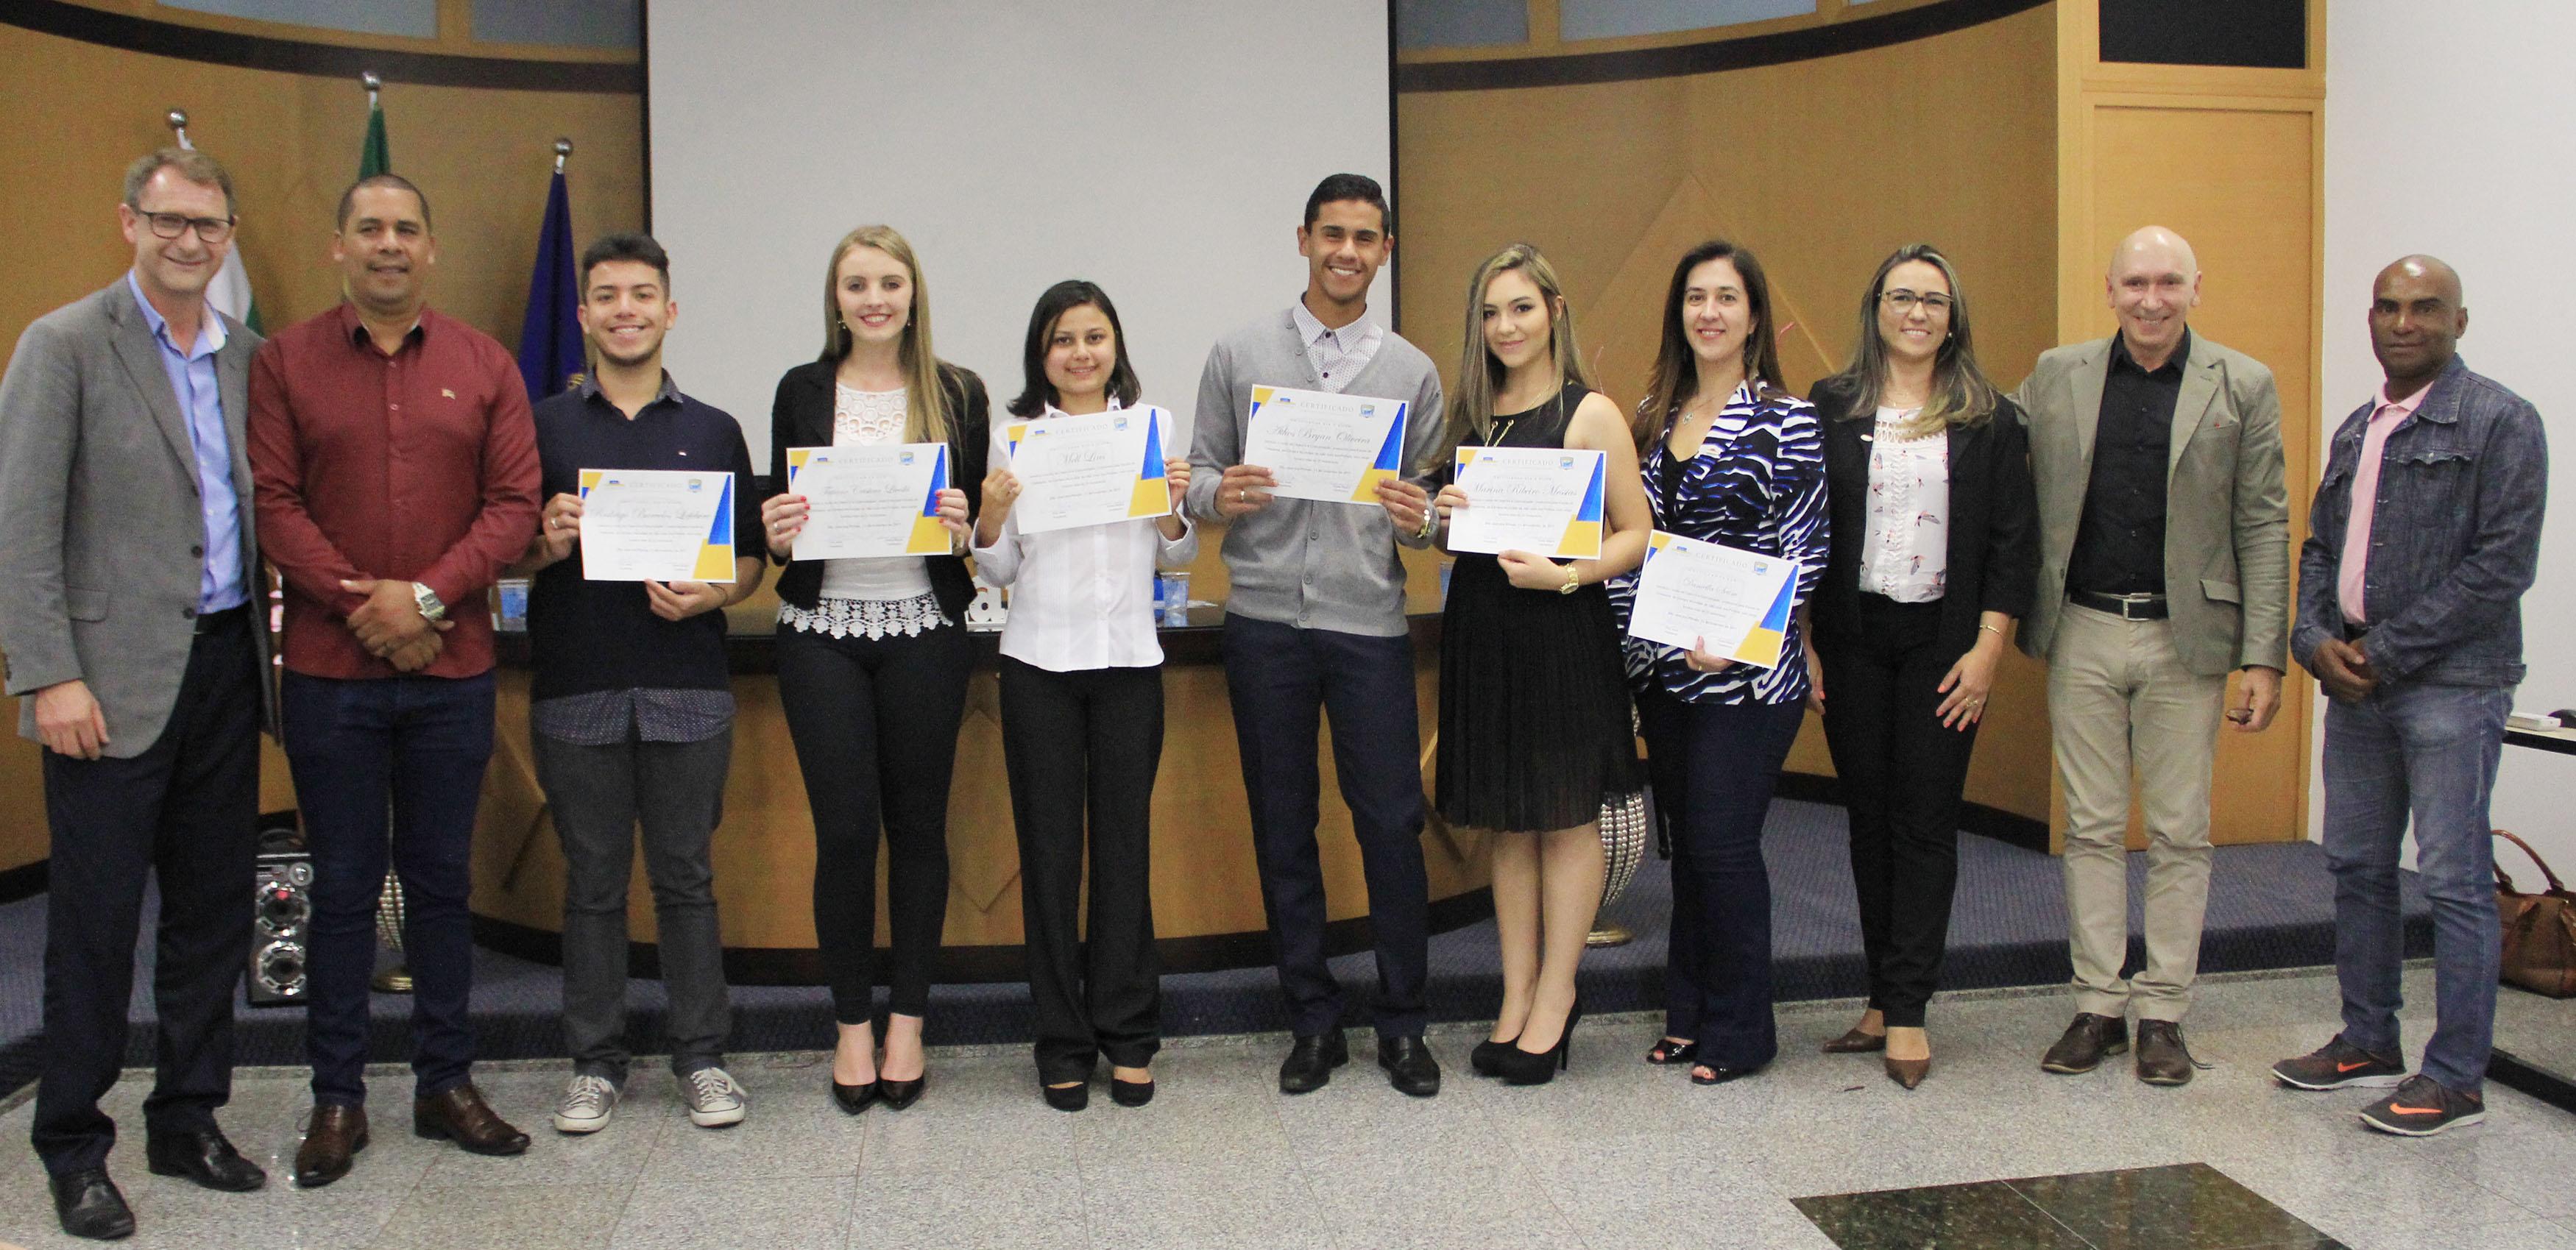 Vereadores Mirins recebem certificado de curso de oratória e comunicação